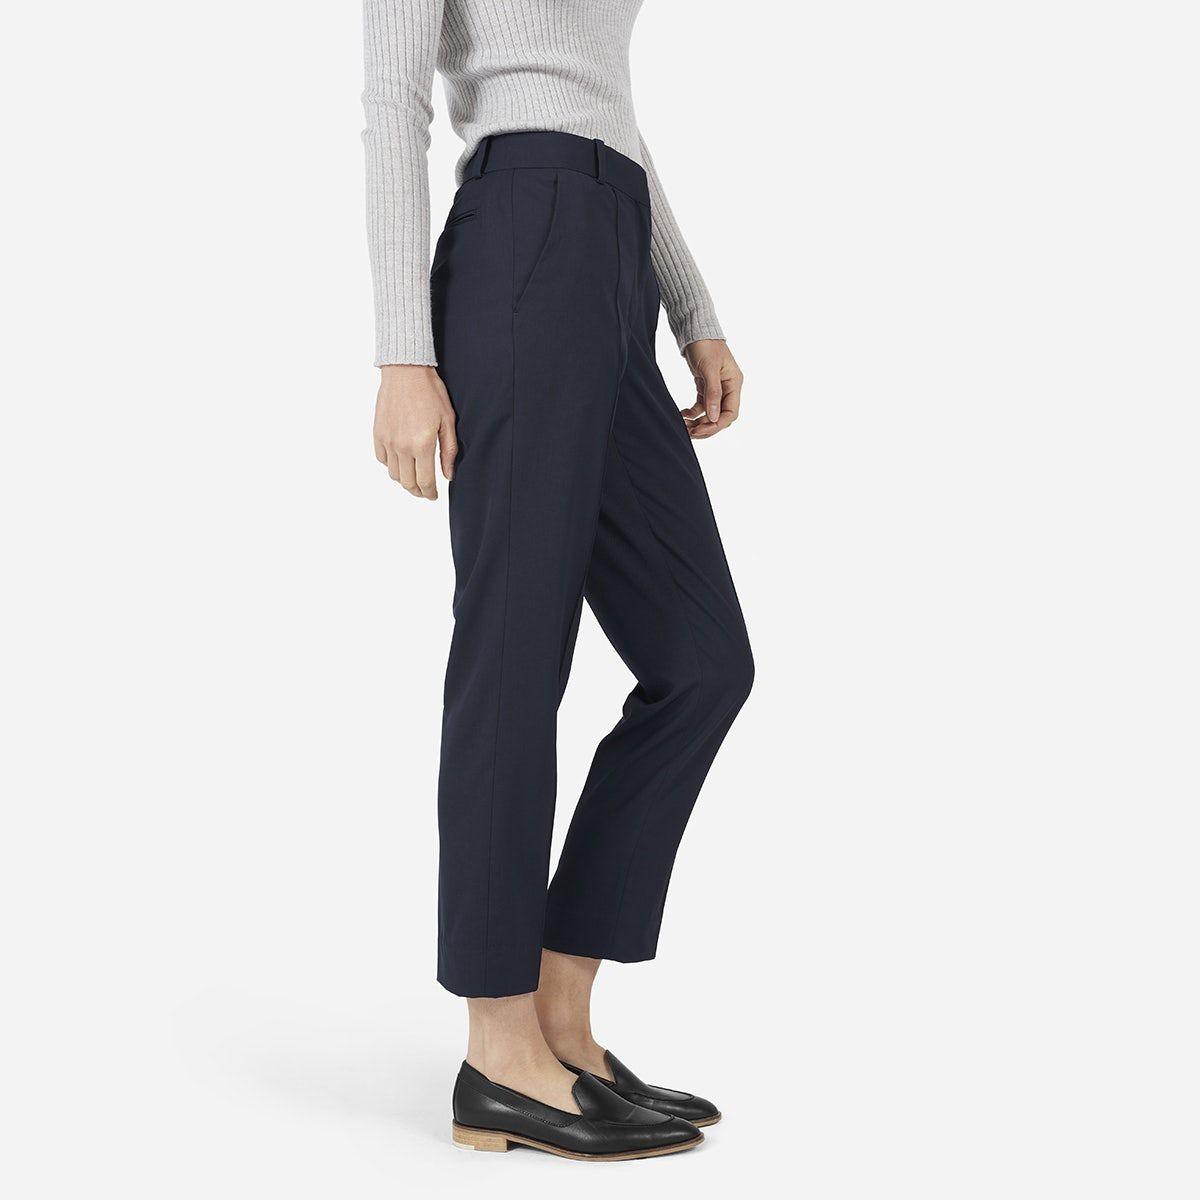 874b6785a14 Women s Italian GoWeave Crop Trouser